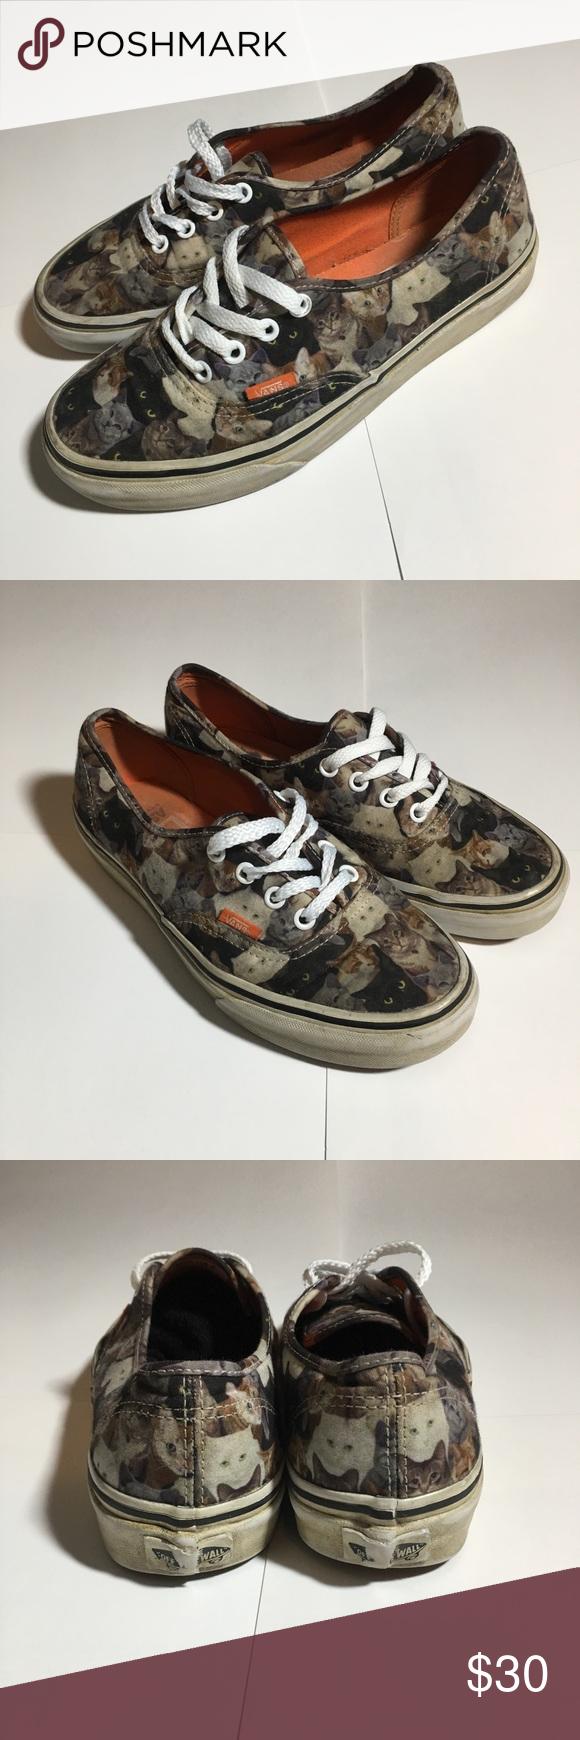 Vans Kitten Era Shoes In 2020 Vans Shoes Womens Vans